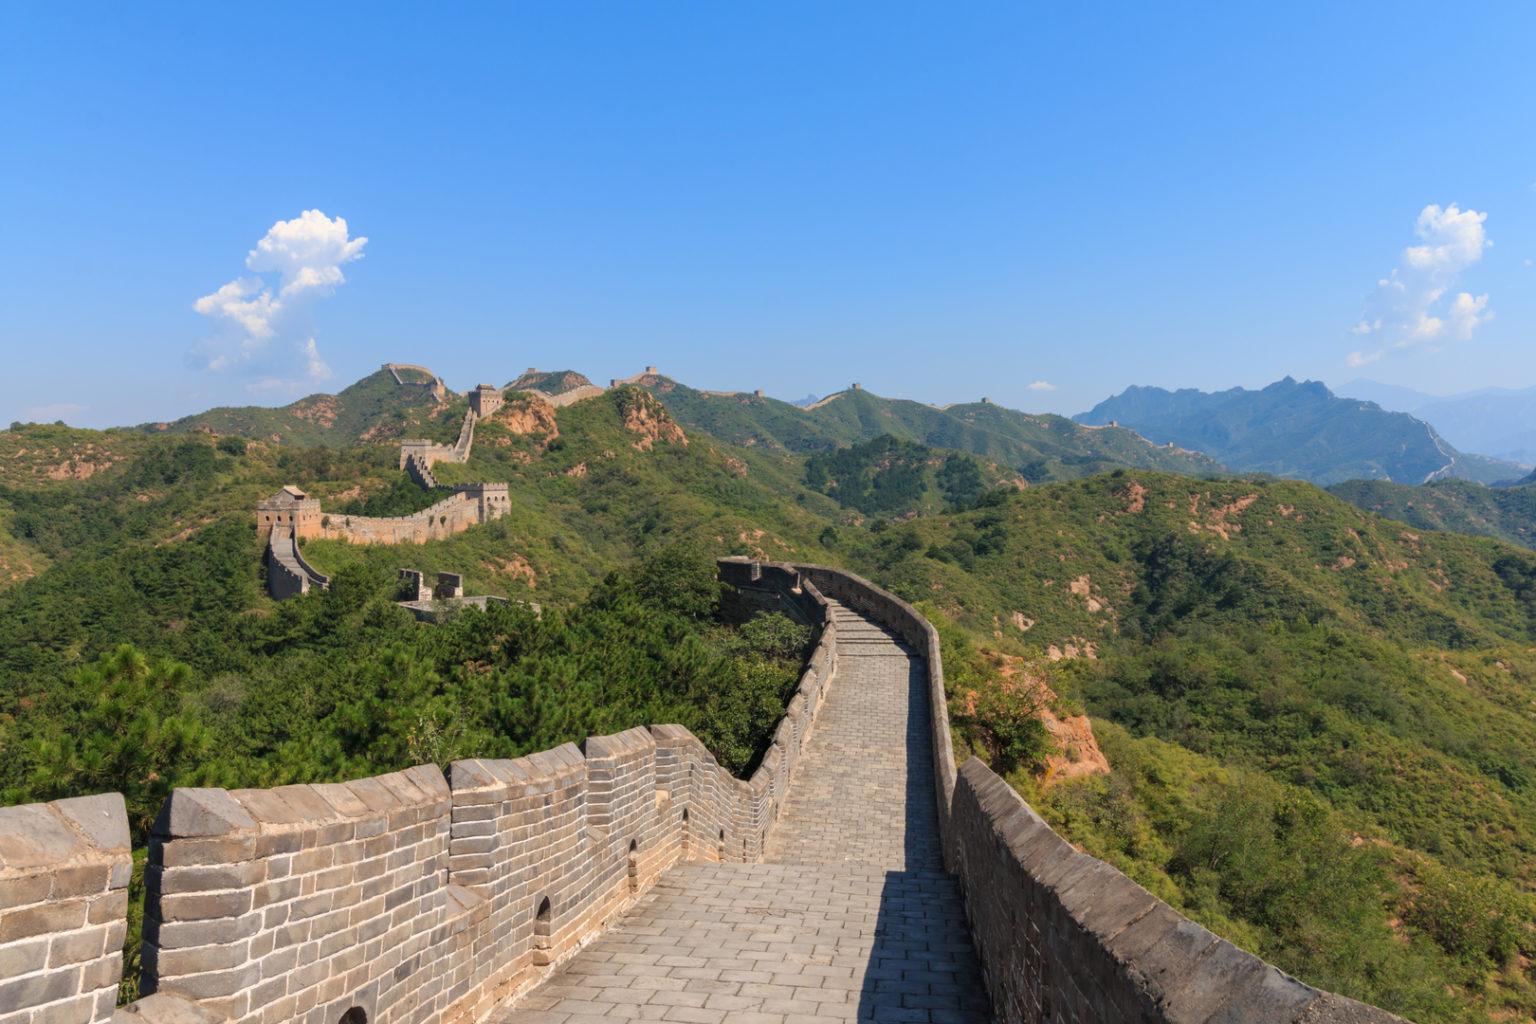 Blick auf die Chinesische Mauer